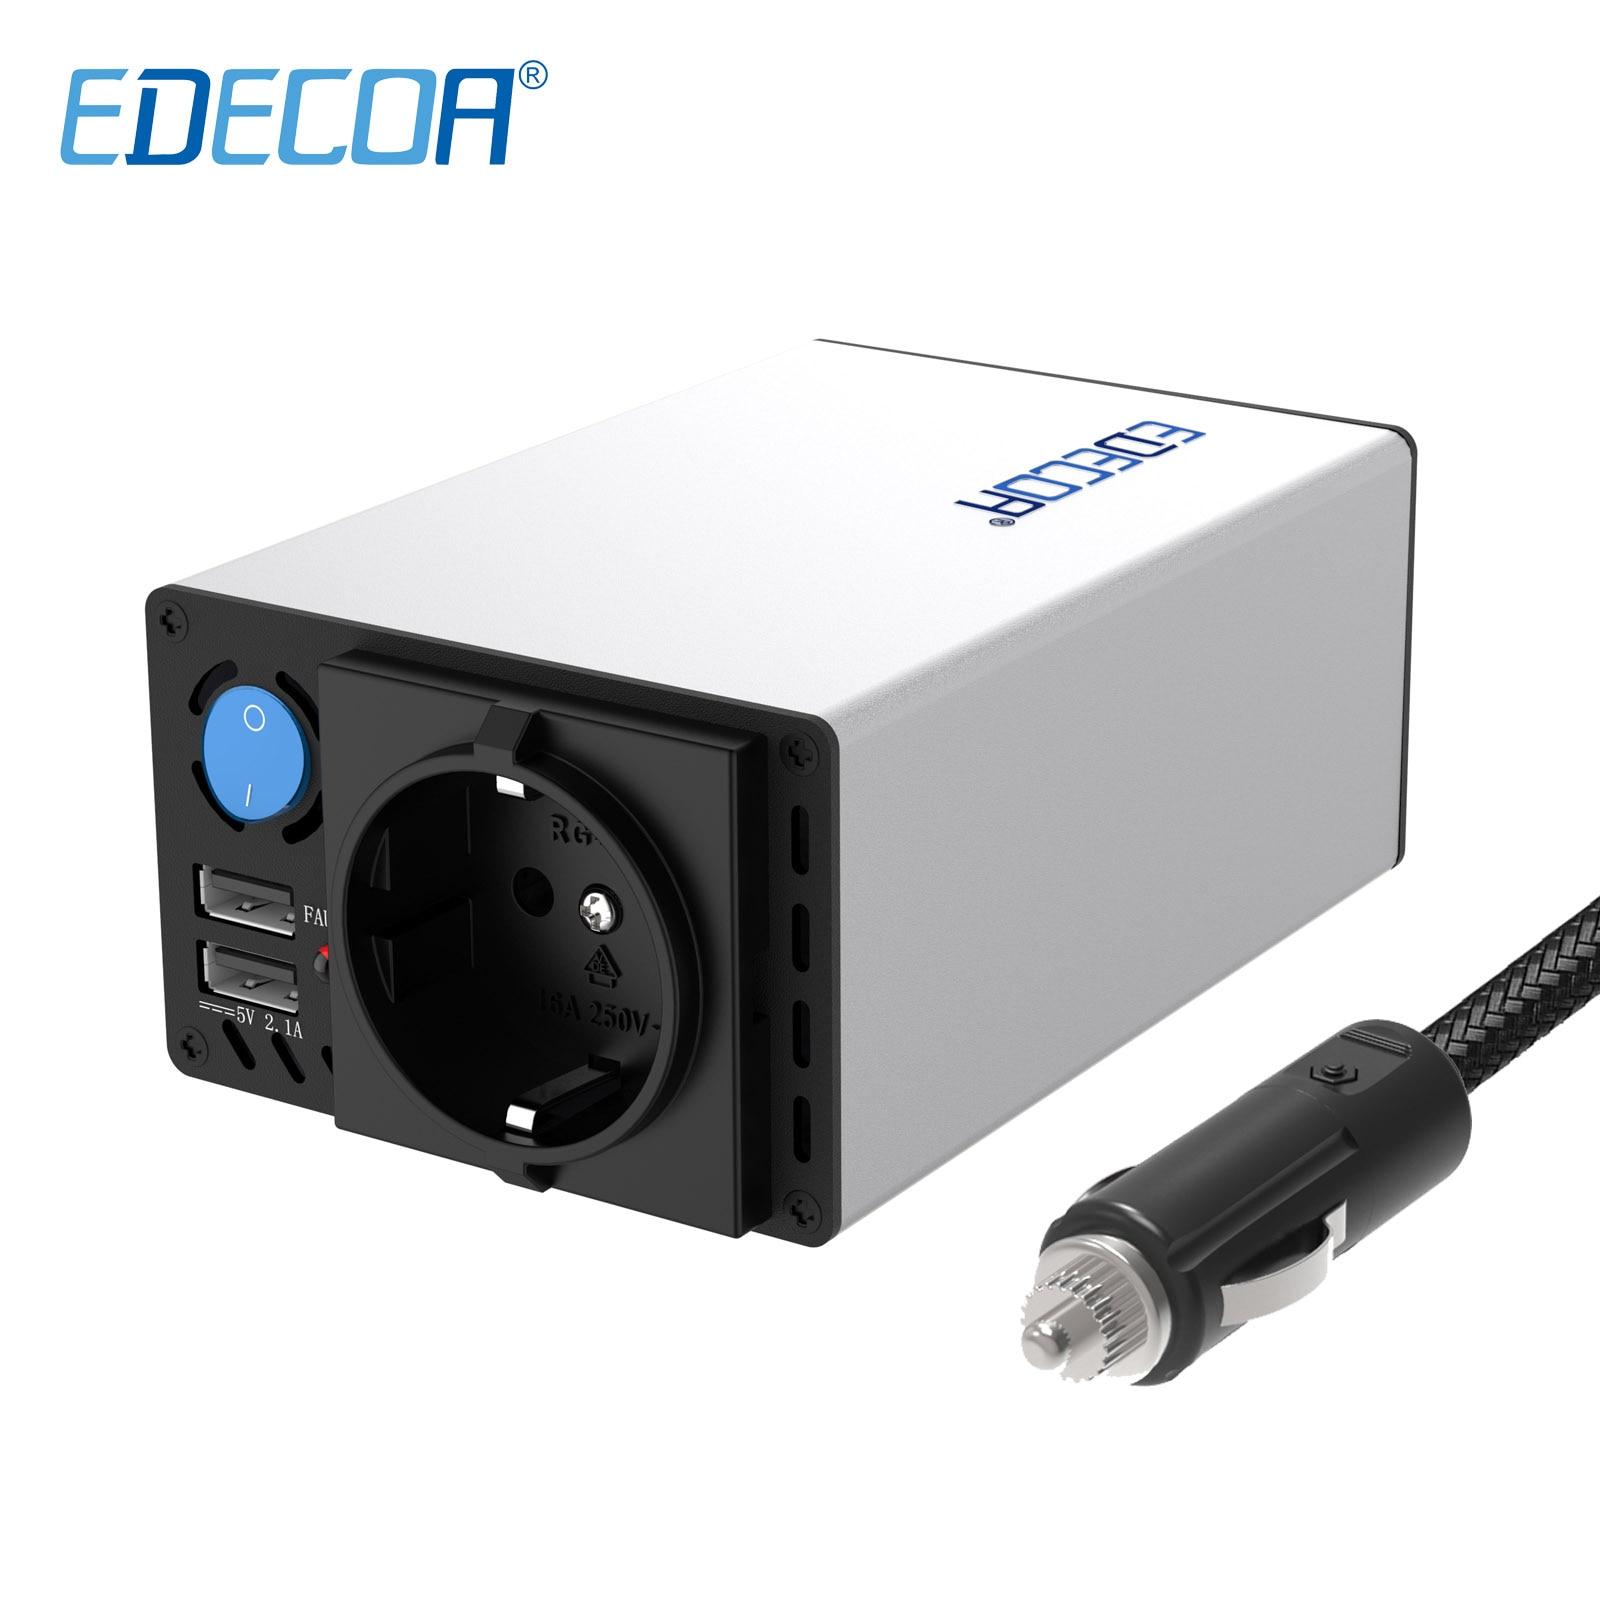 EDECOA 300W 600W inversor de corriente DC 12V AC 220V 230V 240V onda sinusoidal modificada 5V 2.1A inversor para automóvil USB con encendedor de cigarrillos